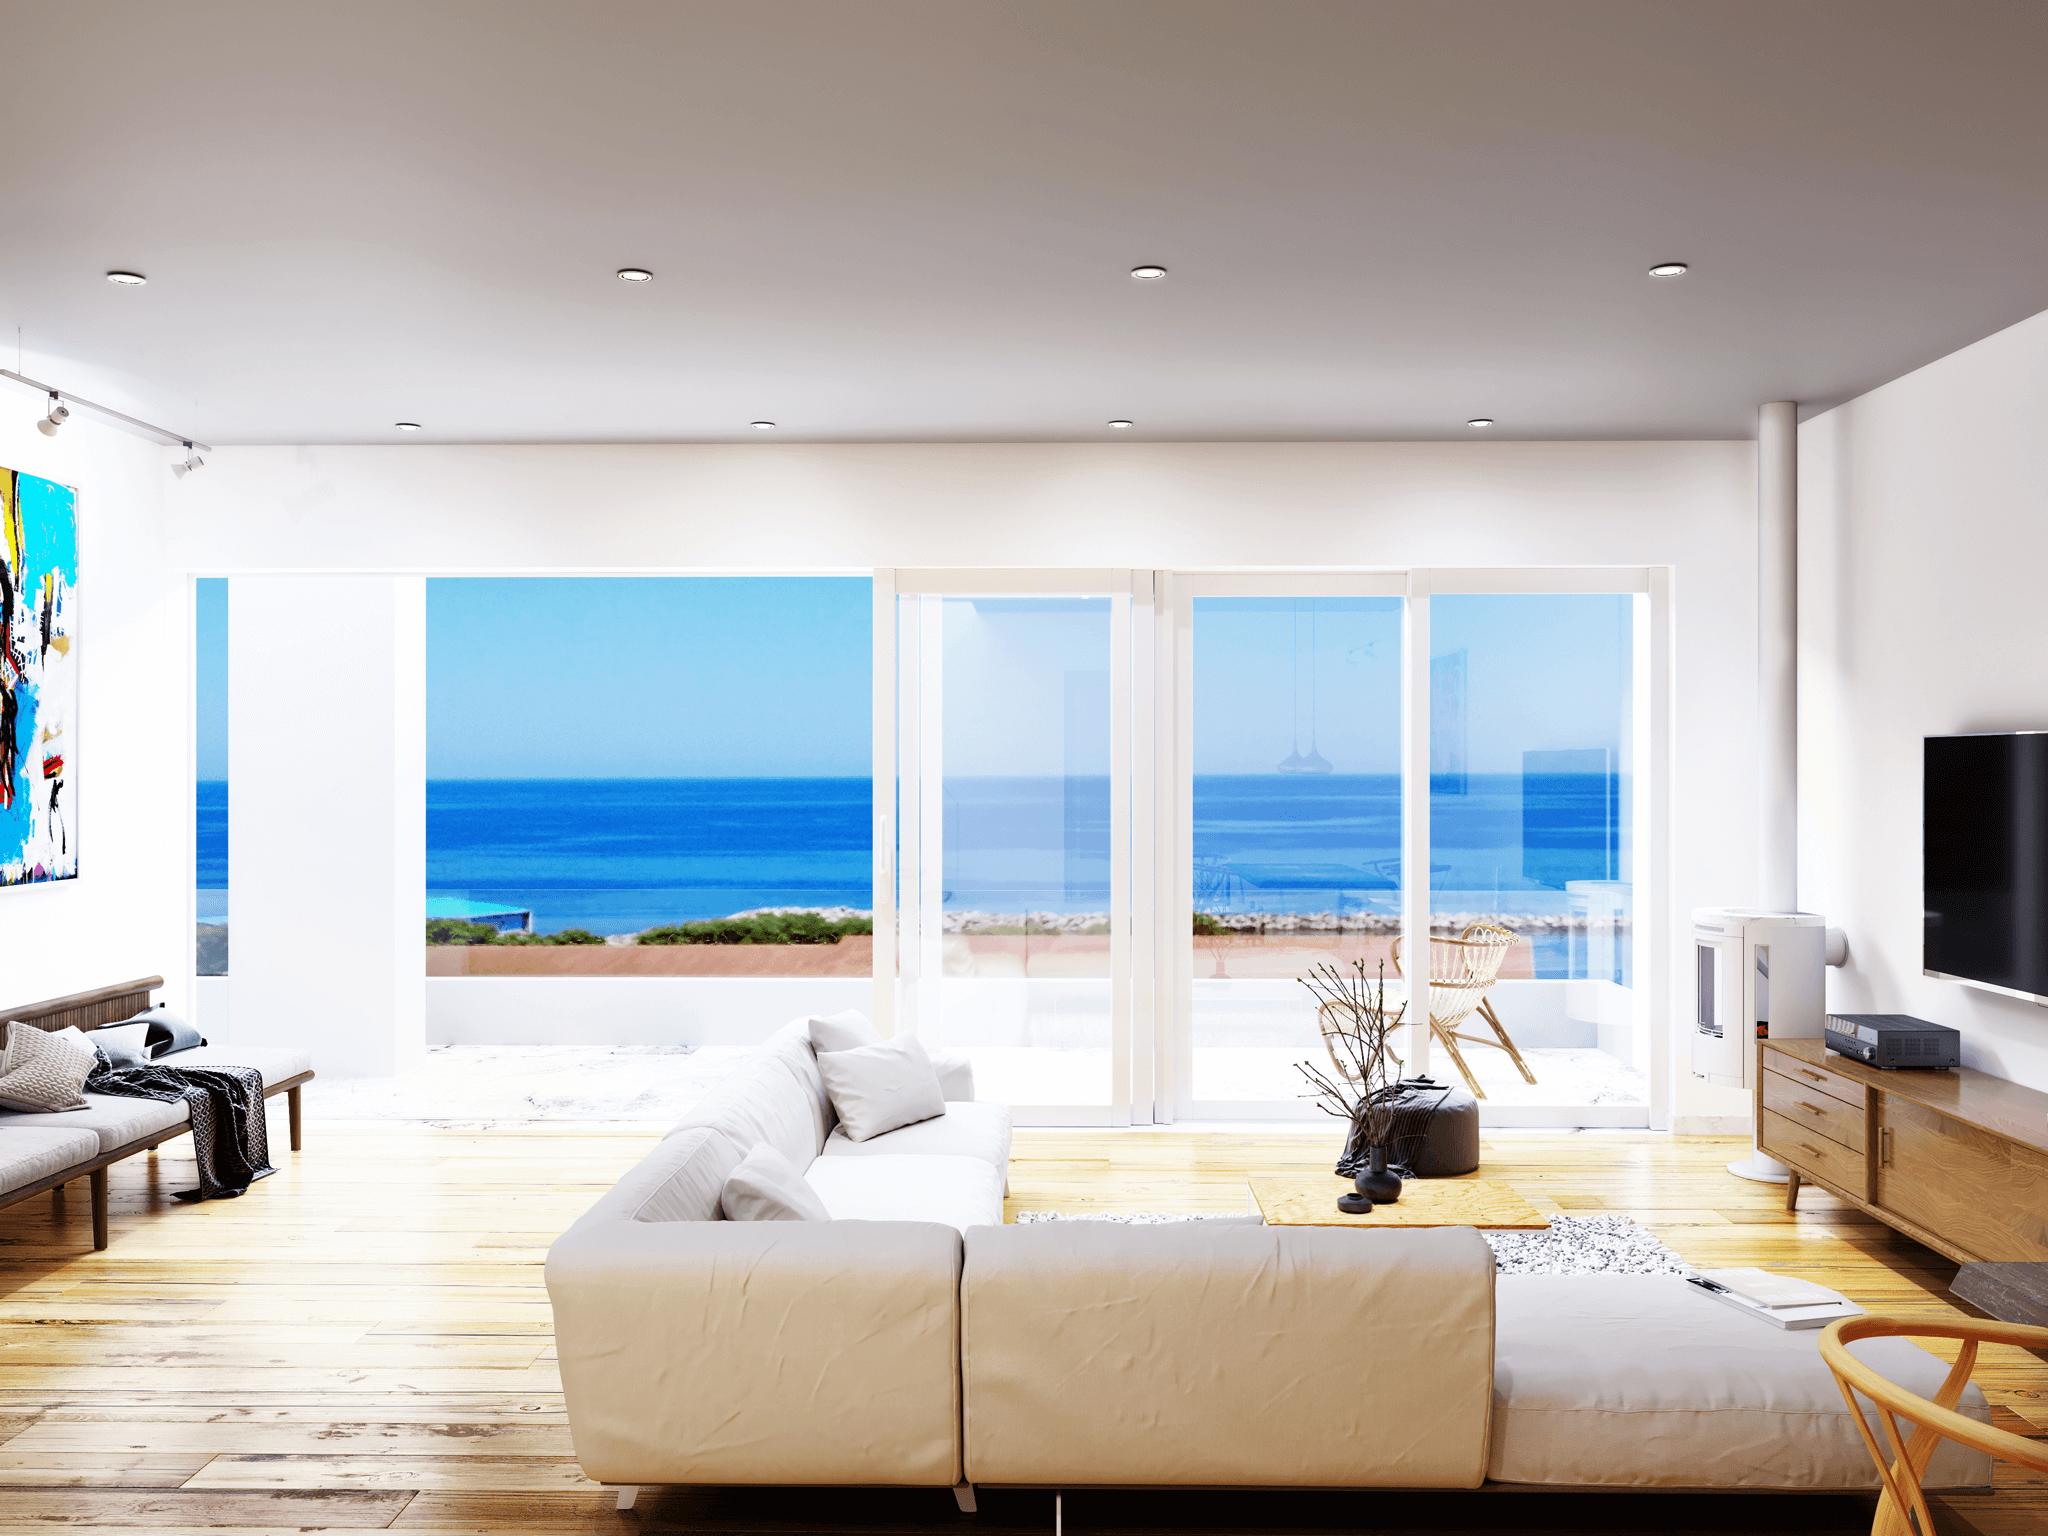 Apartments Nea Chora Chania Batakis Architects